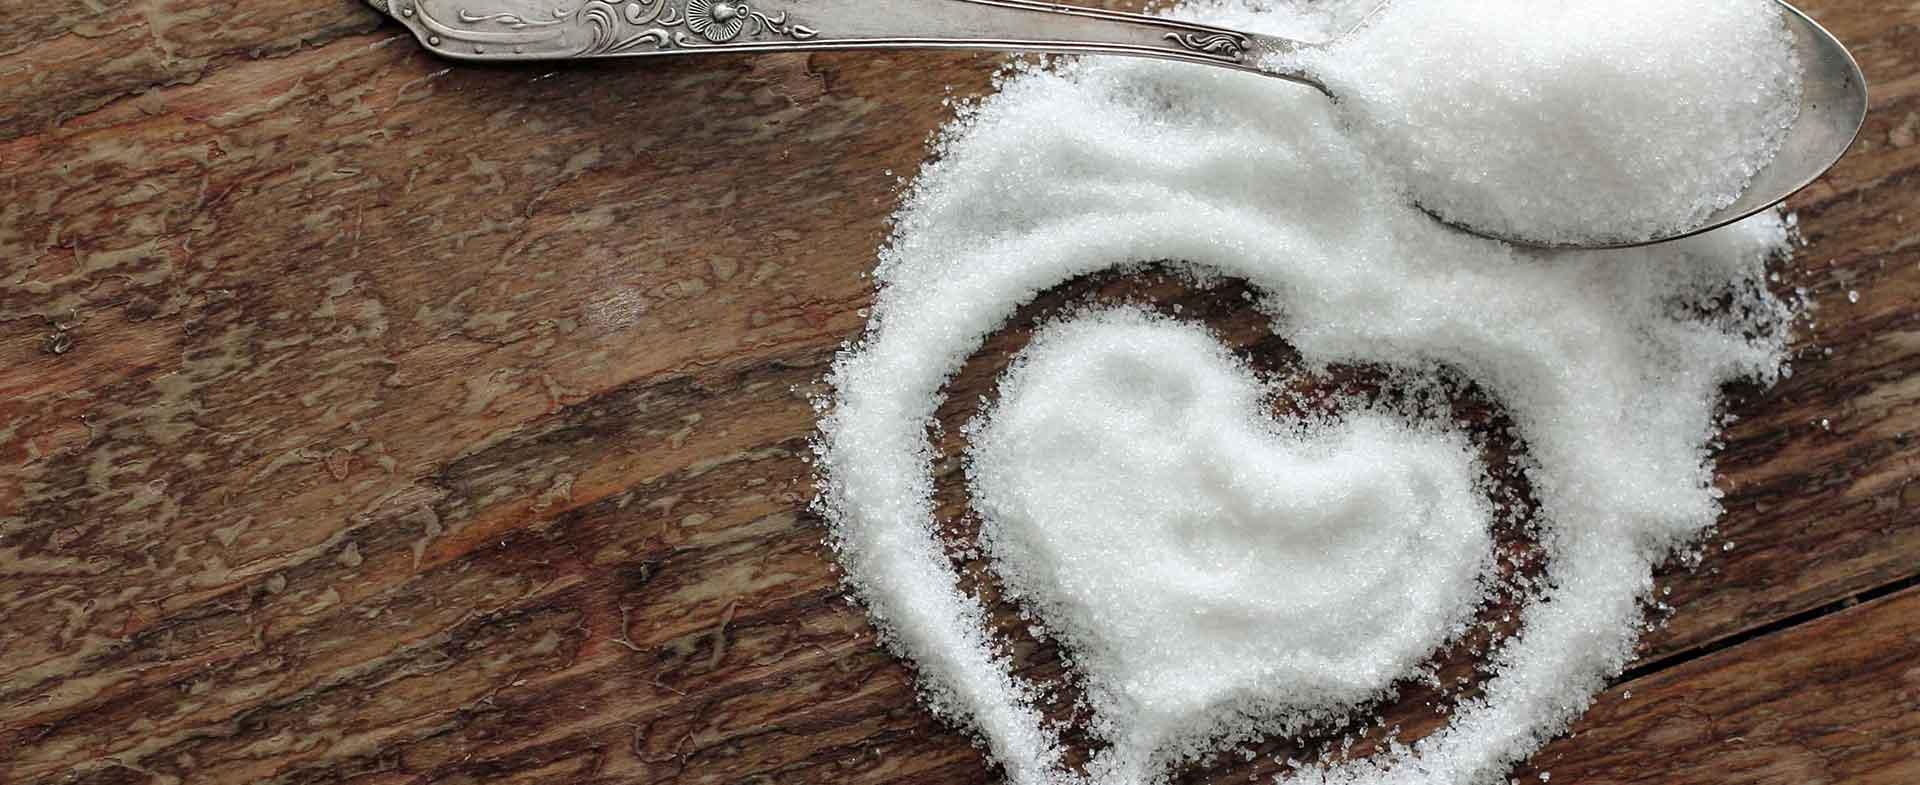 «A'SPIK GROUP» виводить Красилівський цукровий завод на європейський рівень виробництва